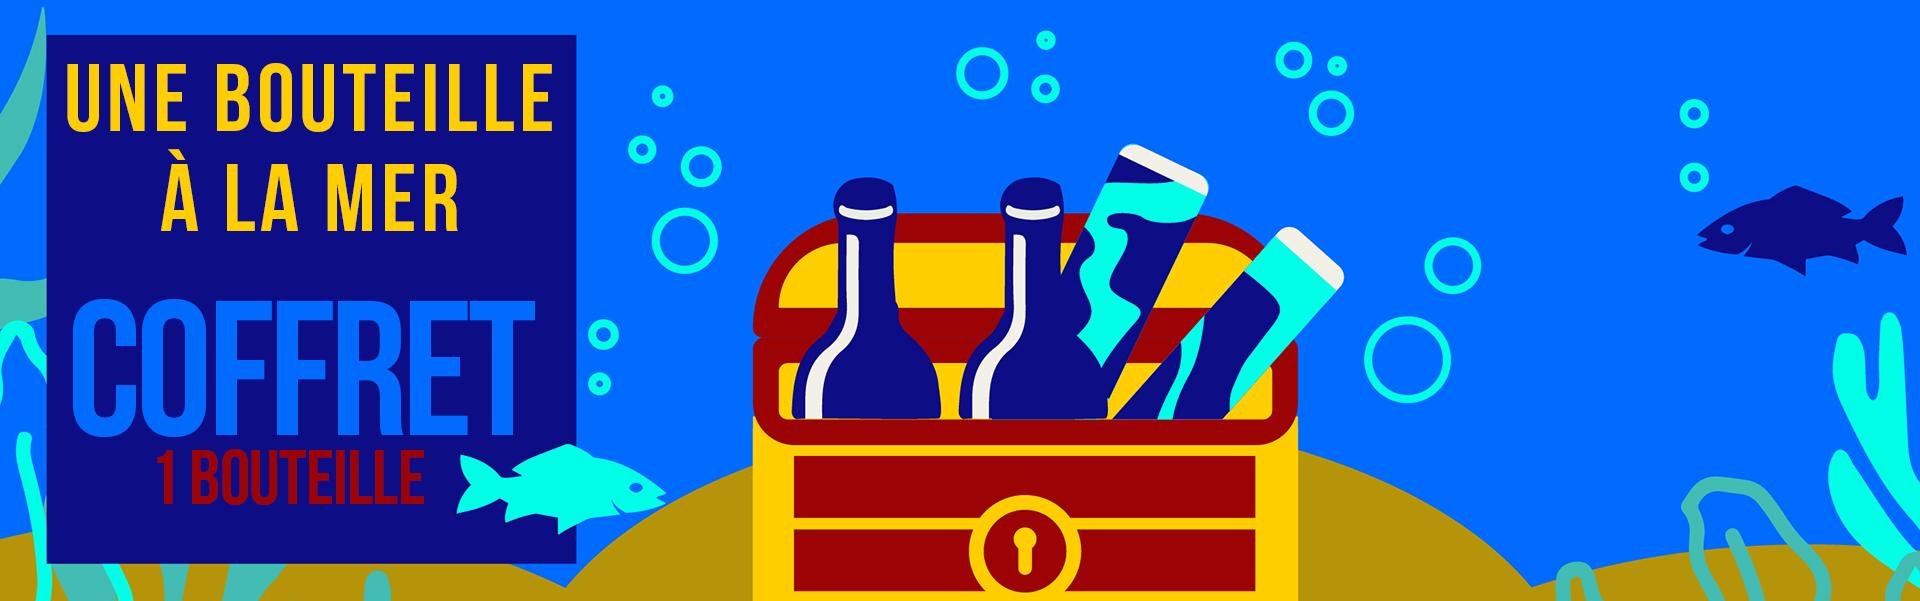 Coffret 1 bouteille - Vin vieilli sous la mer